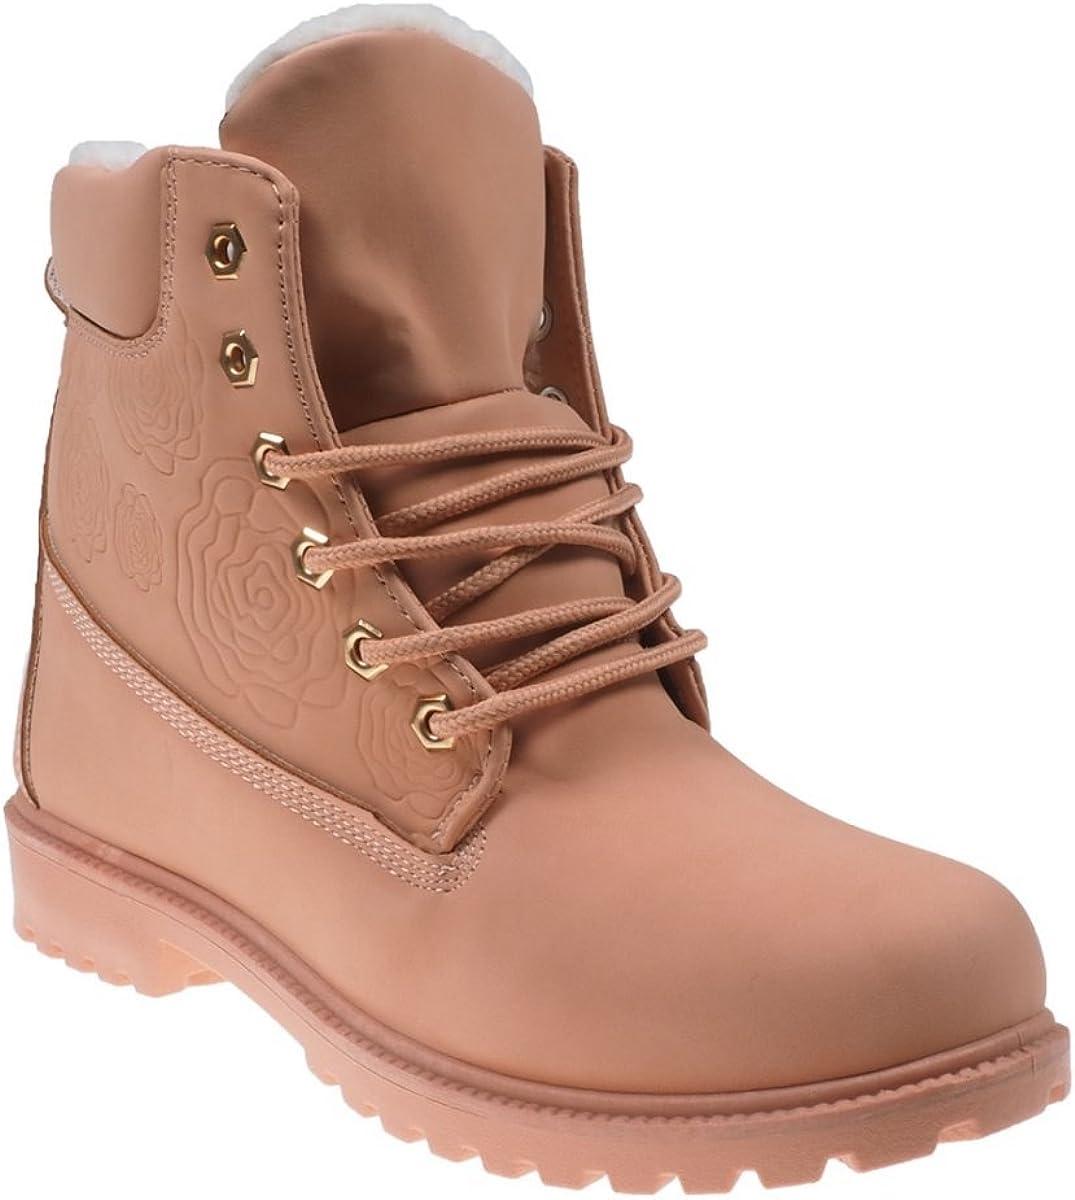 5062 Gefütterte Damen Stiefel Stiefelette Ankle Boots Booties Schnürschuhe .